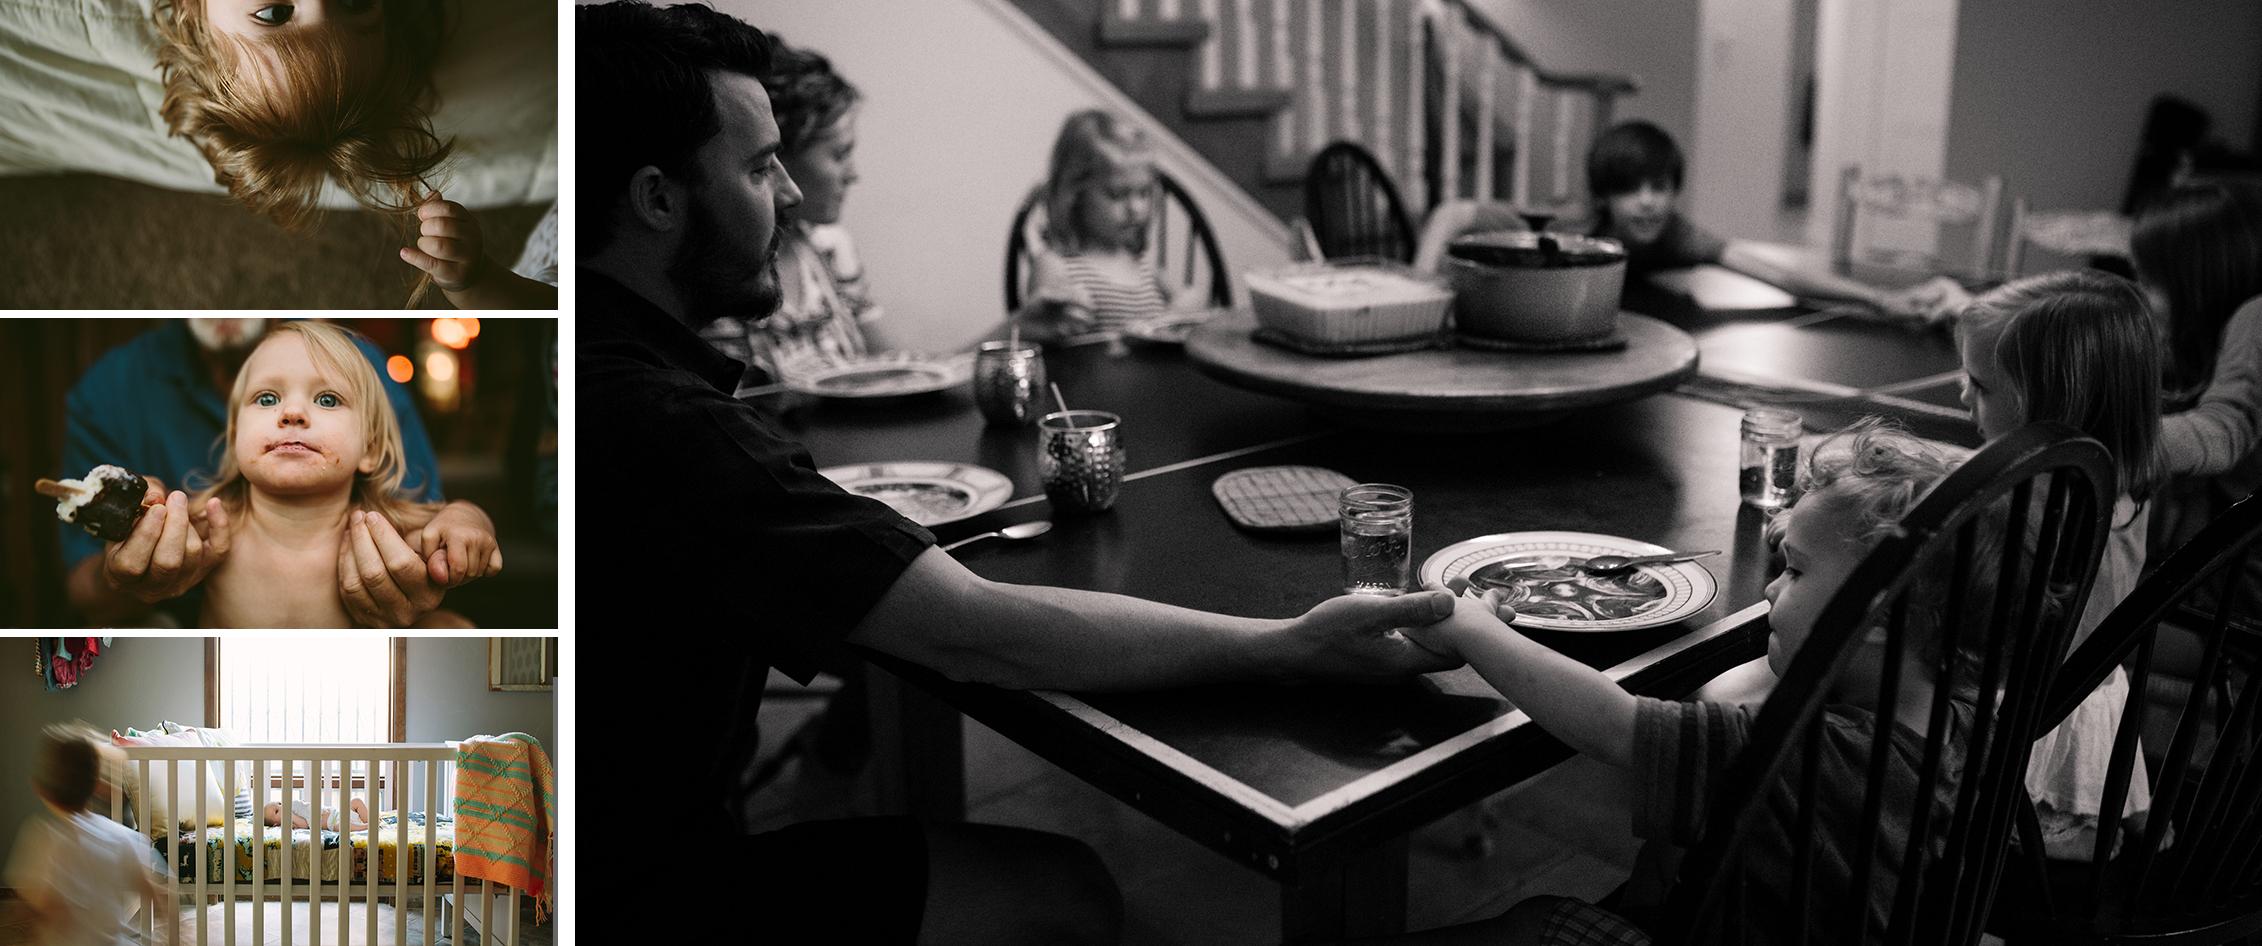 Courtney-Larson-Storytelling-Workshop-Grid